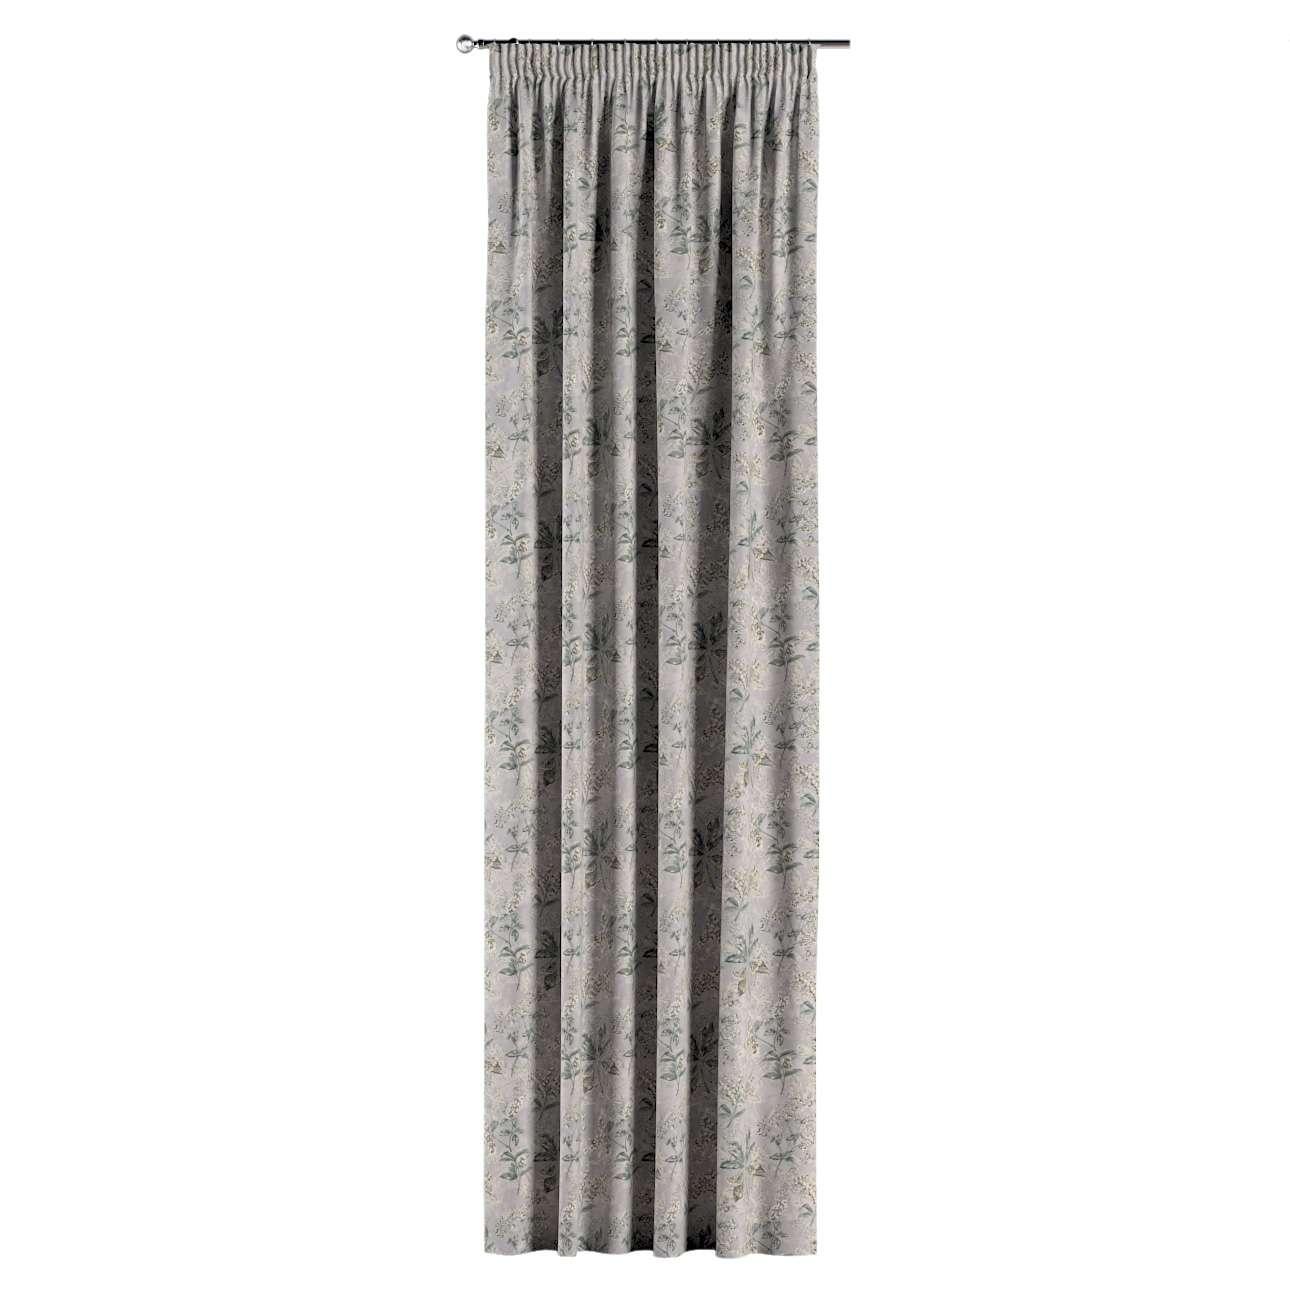 Gardin med rynkebånd 1 stk. fra kollektionen Londres, Stof: 143-37